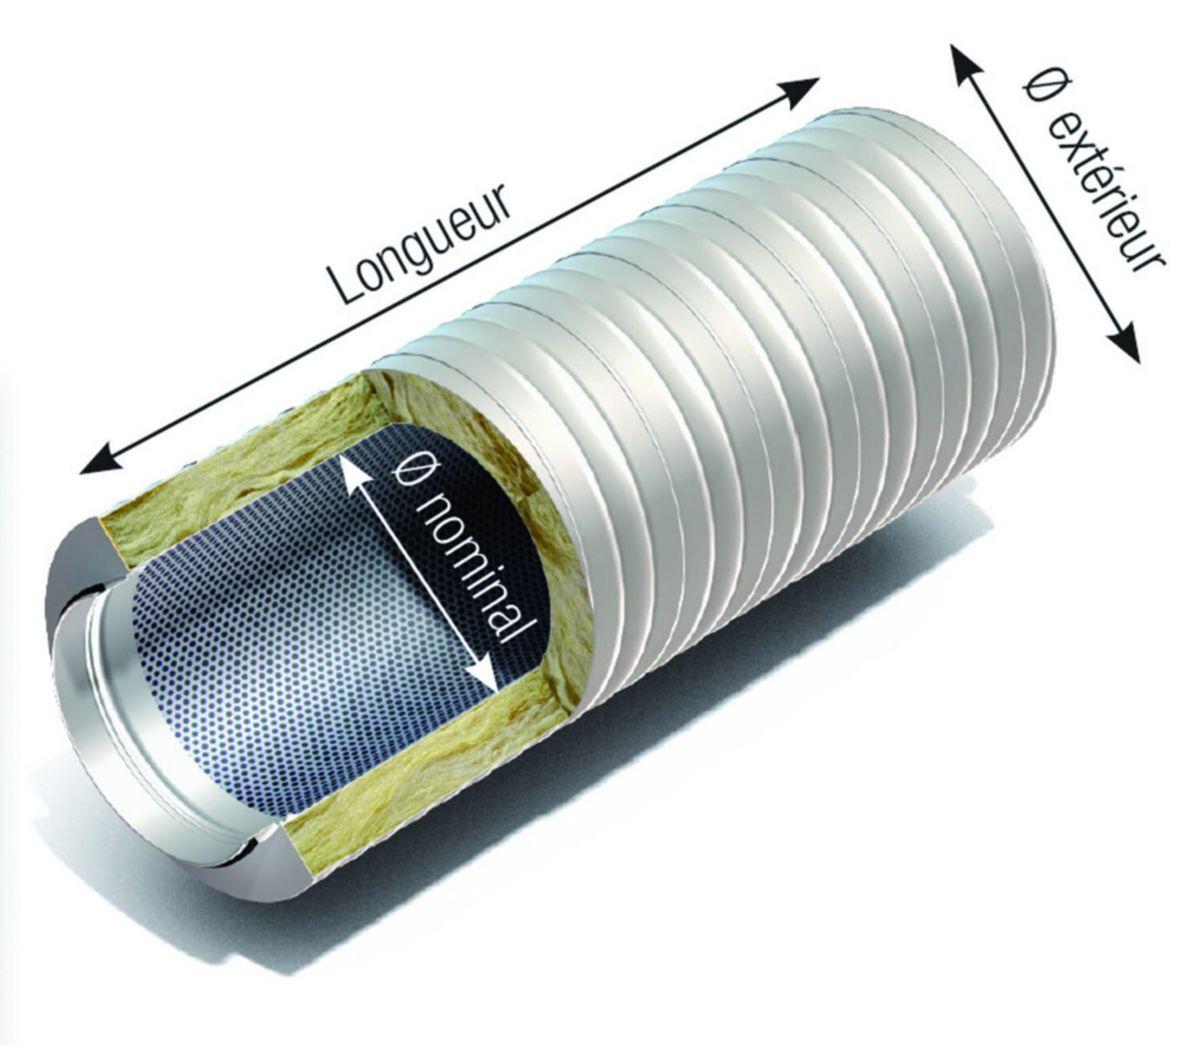 Silencieux confort 50 longueur 900mm diamètre 450mm